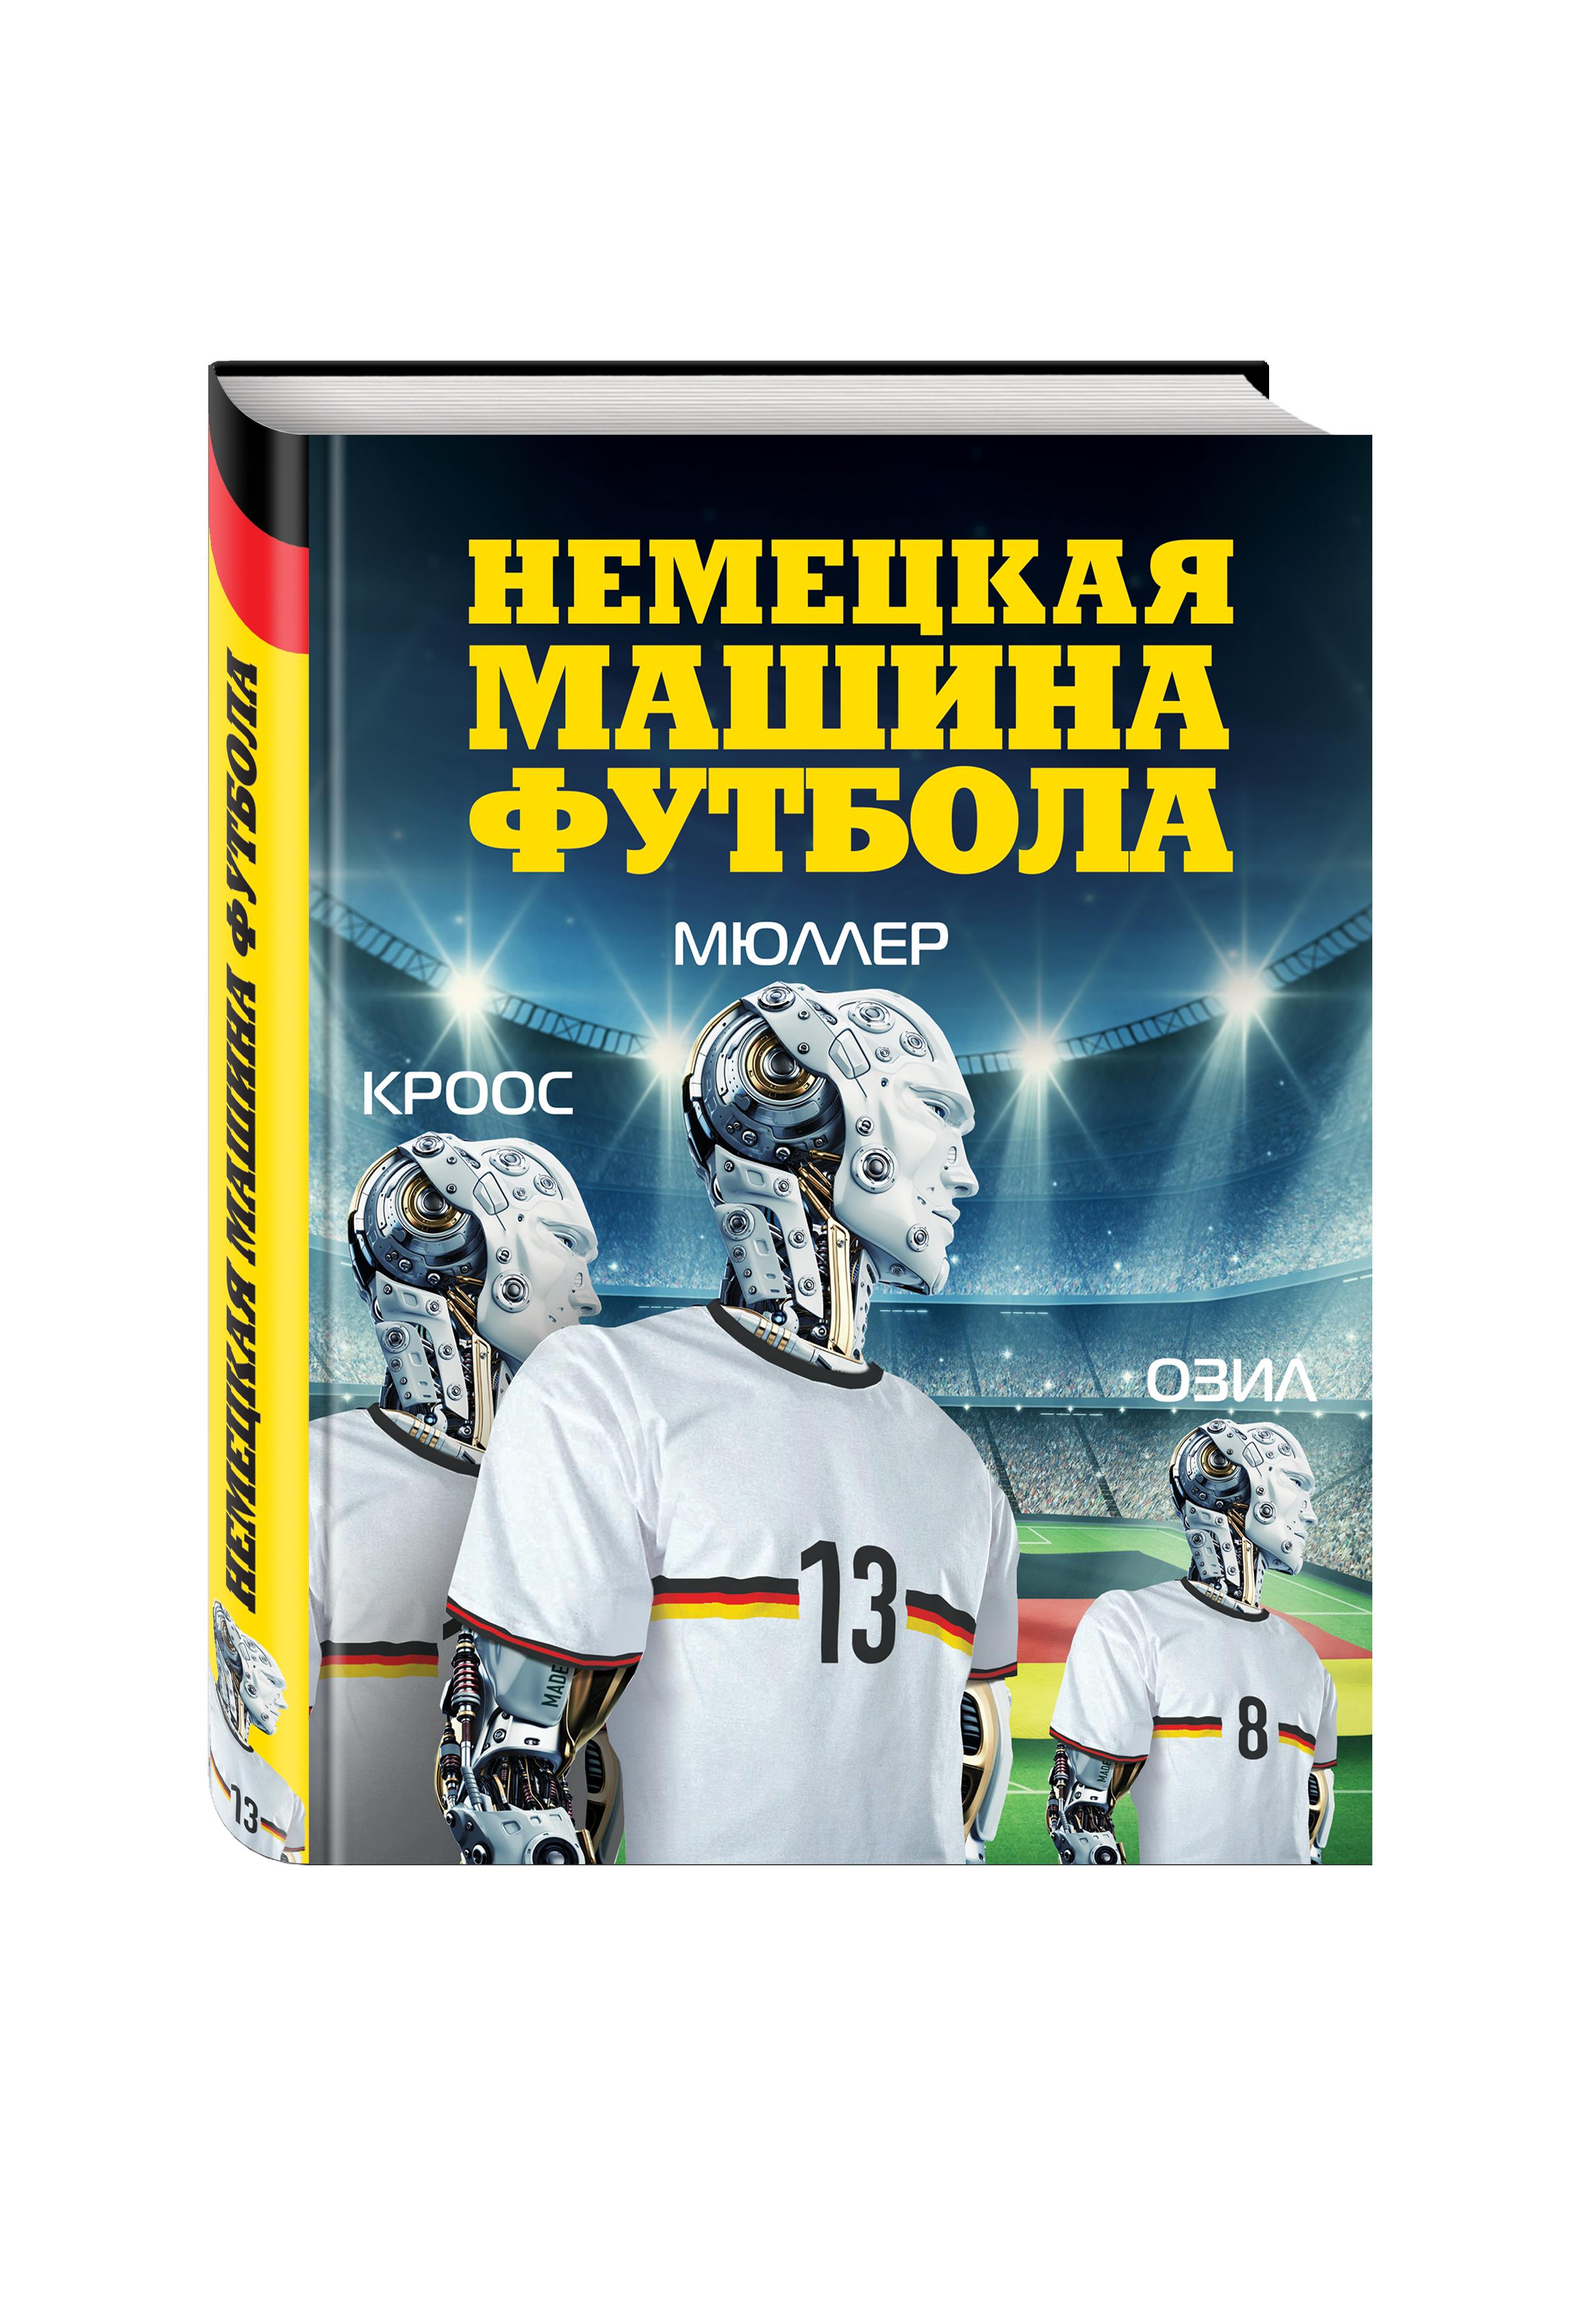 Немецкая машина футбола. от book24.ru